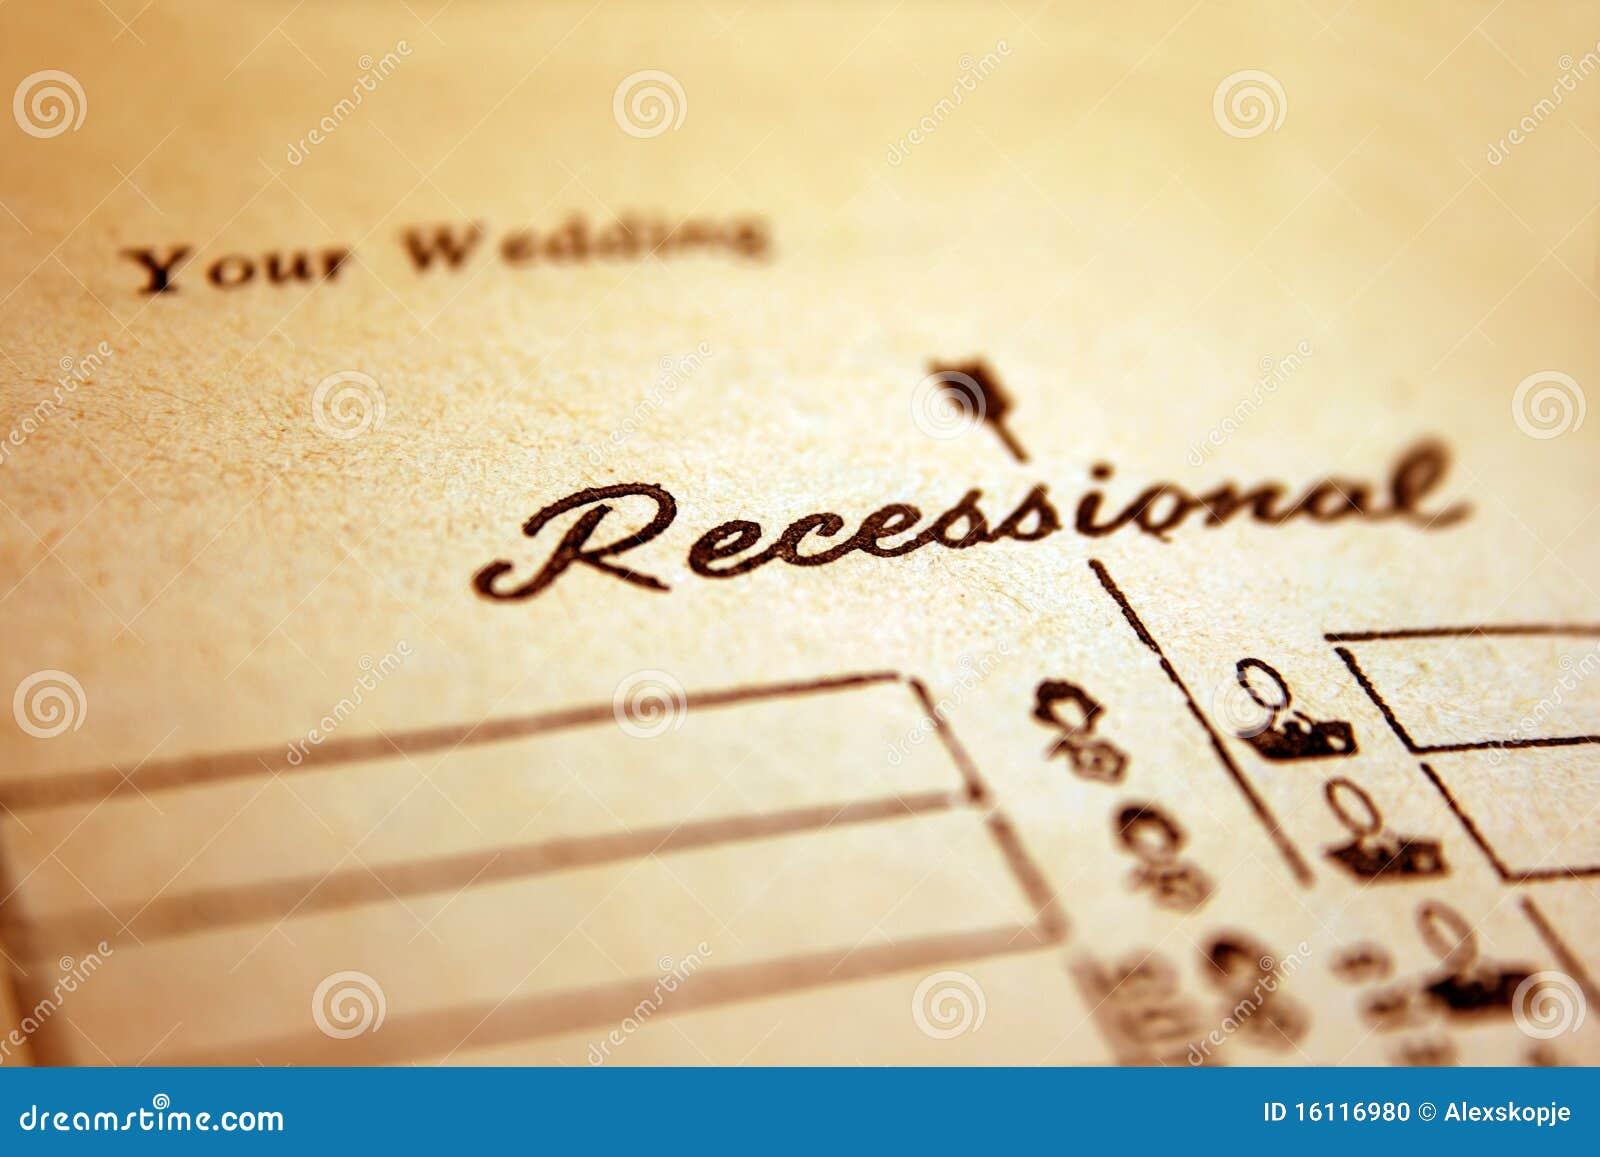 Hochzeit Recessional